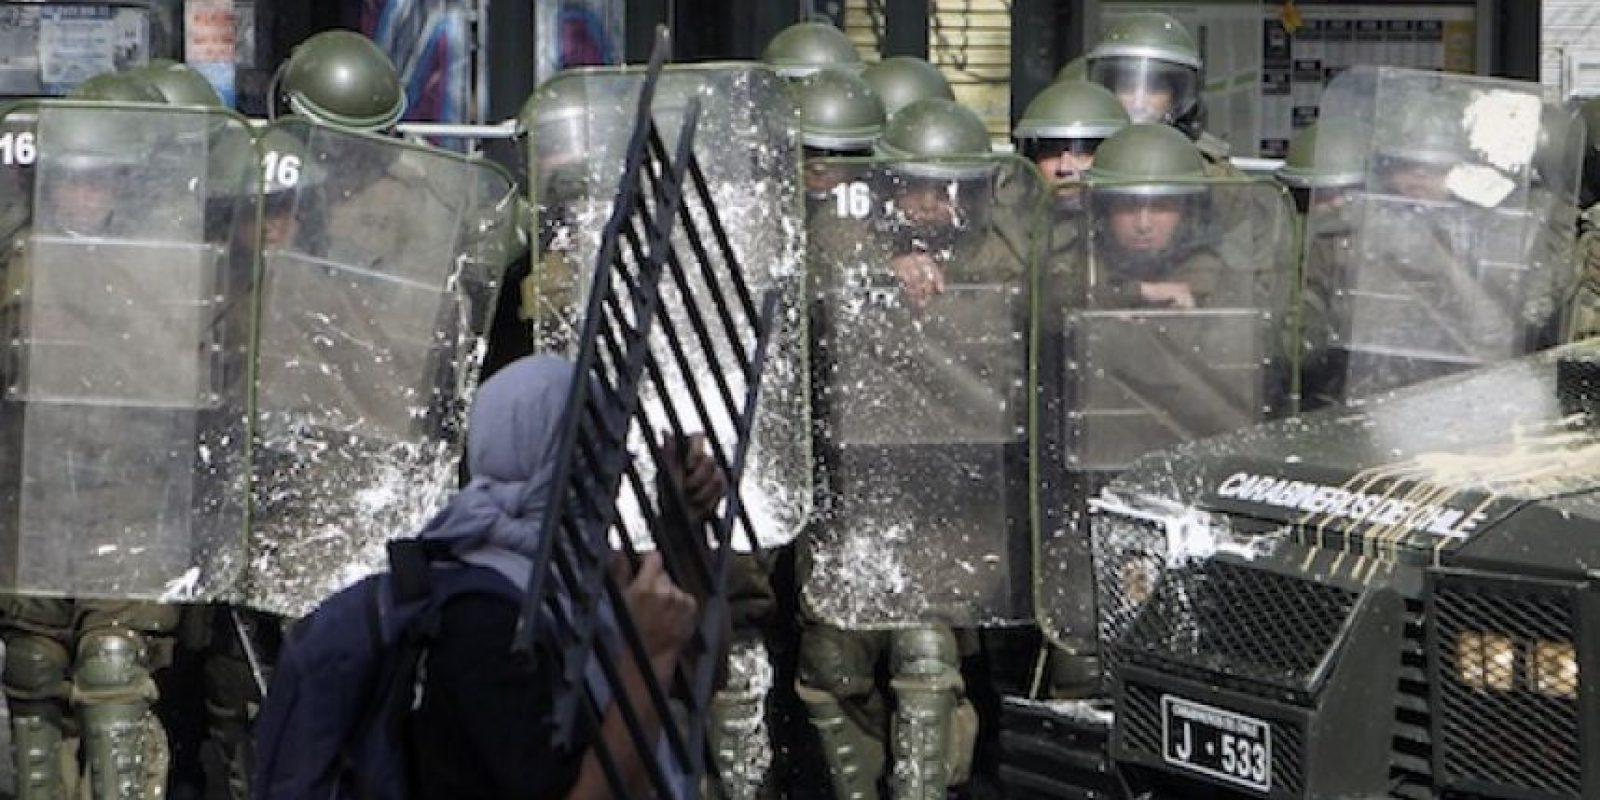 Un manifestante se enfrenta a la policía durante una marcha por el Día del Trabajo en Santiago, Chile  Foto:AP. Imagen Por: